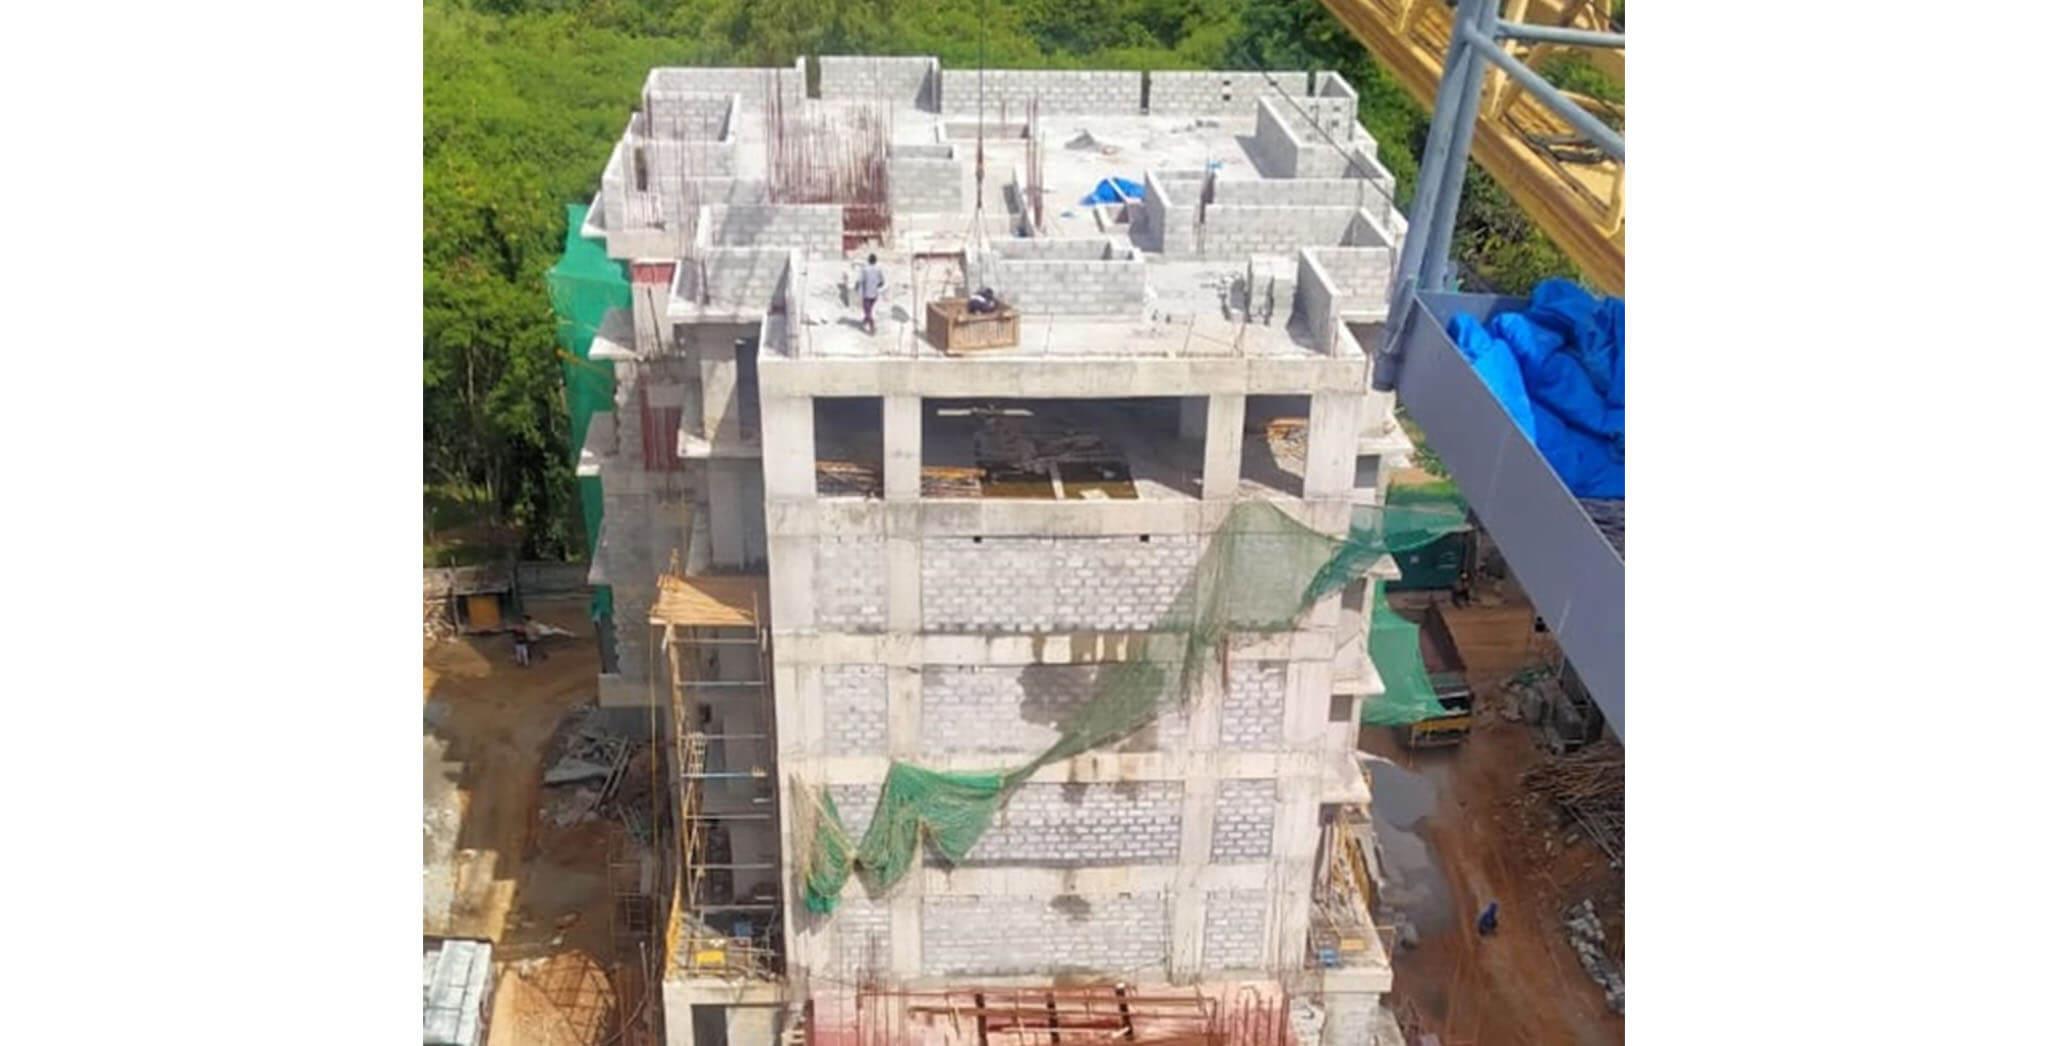 Jun 2020 - R Block: Above terrace floor parapet wall and duct block work-in-progress; Block work completed up to 3rd floor; 1st floor internal plastering work-in-progress.